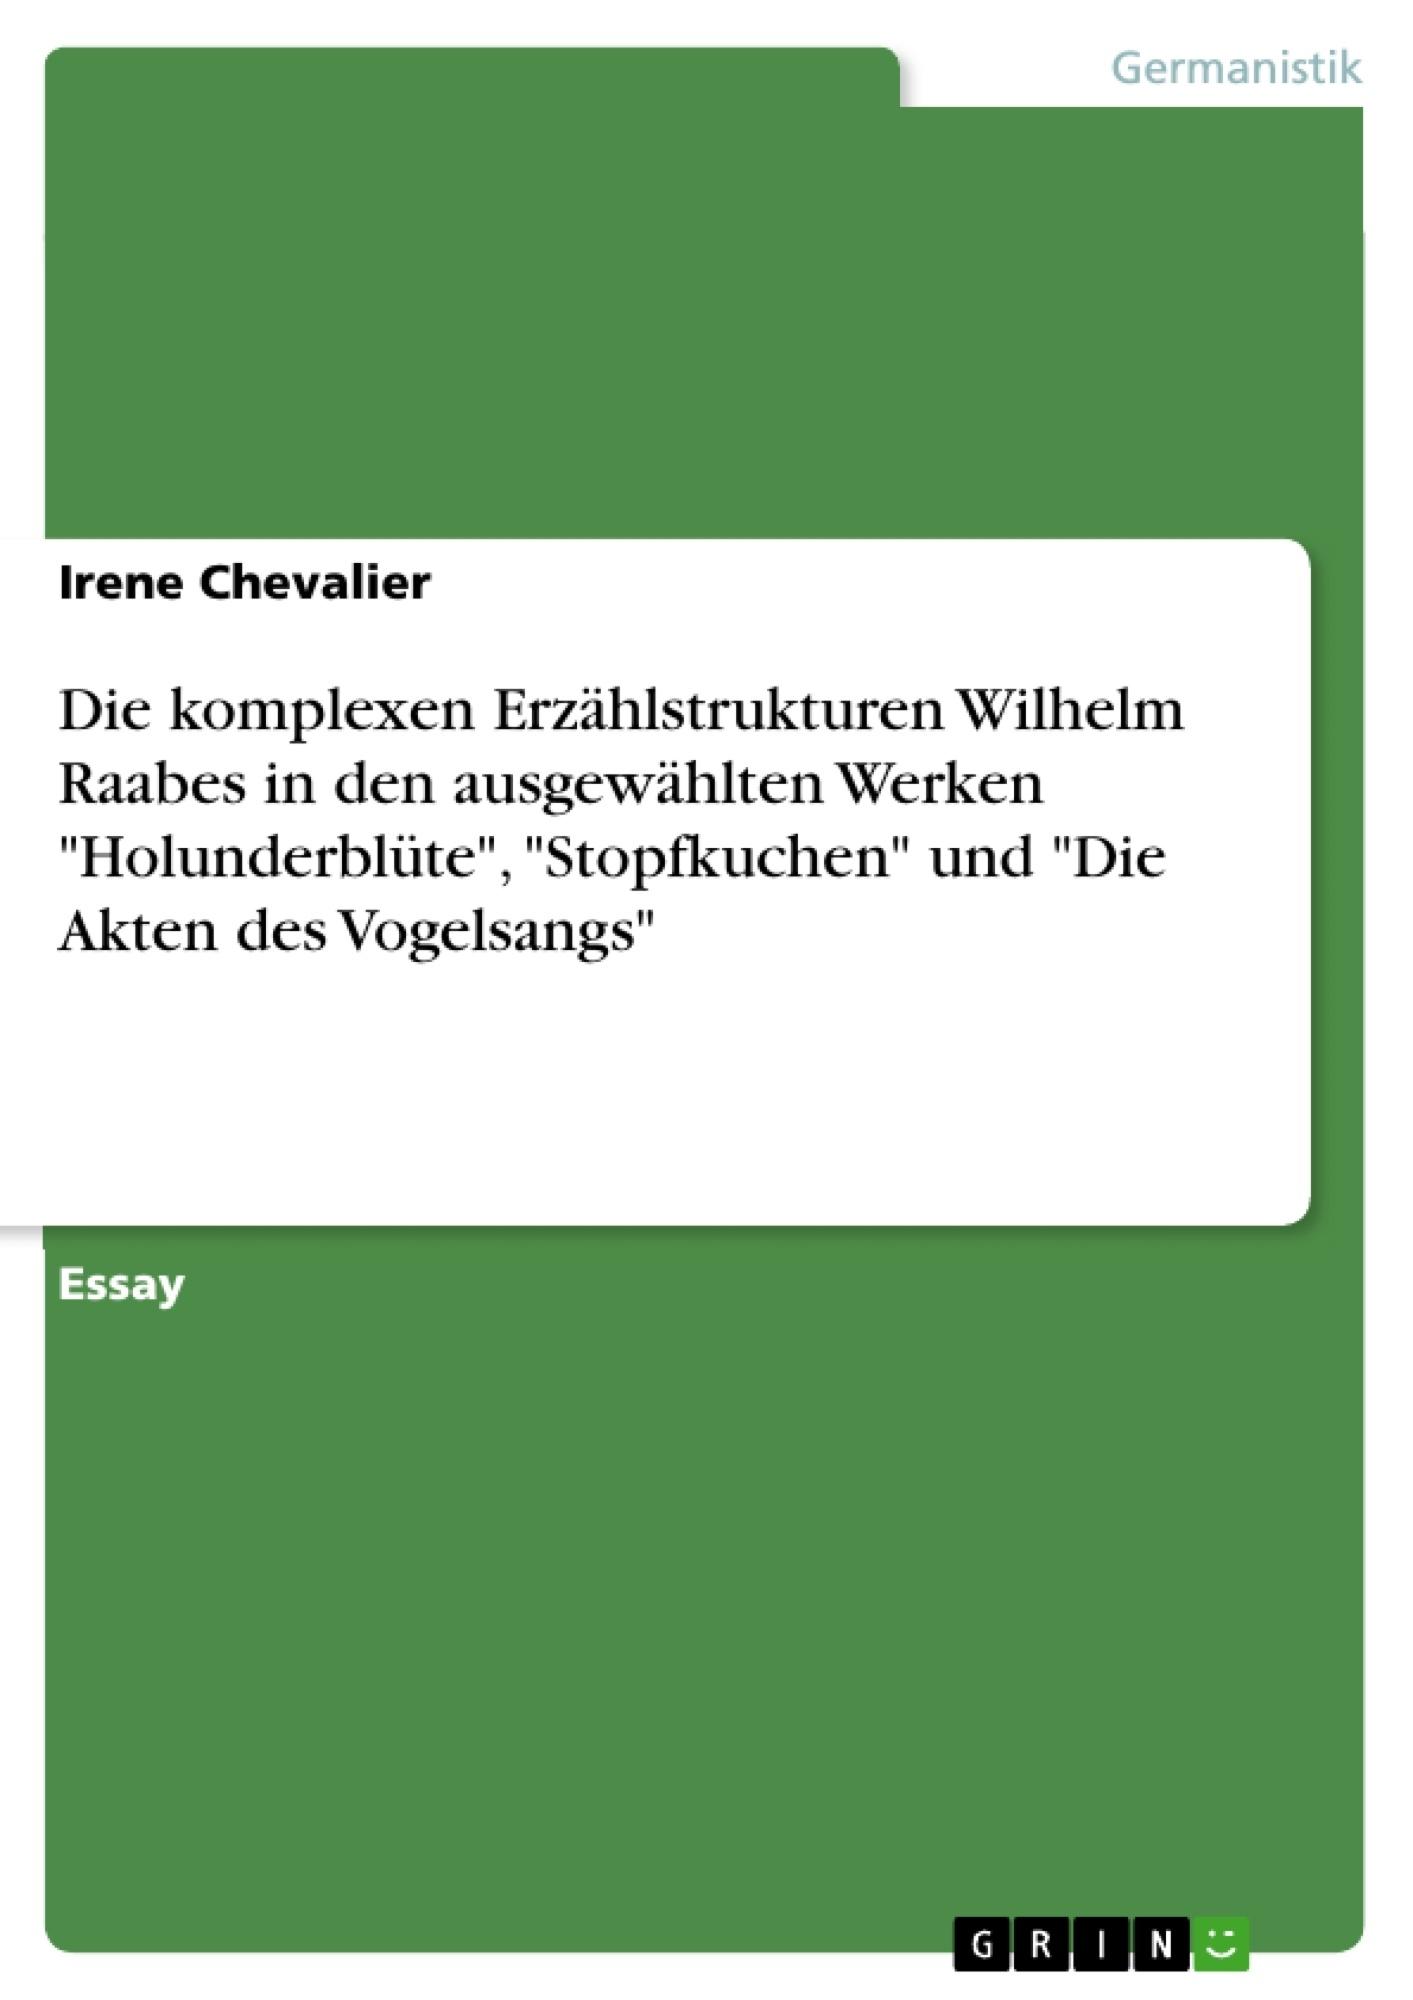 """Titel: Die komplexen Erzählstrukturen Wilhelm Raabes in den ausgewählten Werken """"Holunderblüte"""", """"Stopfkuchen"""" und """"Die Akten des Vogelsangs"""""""